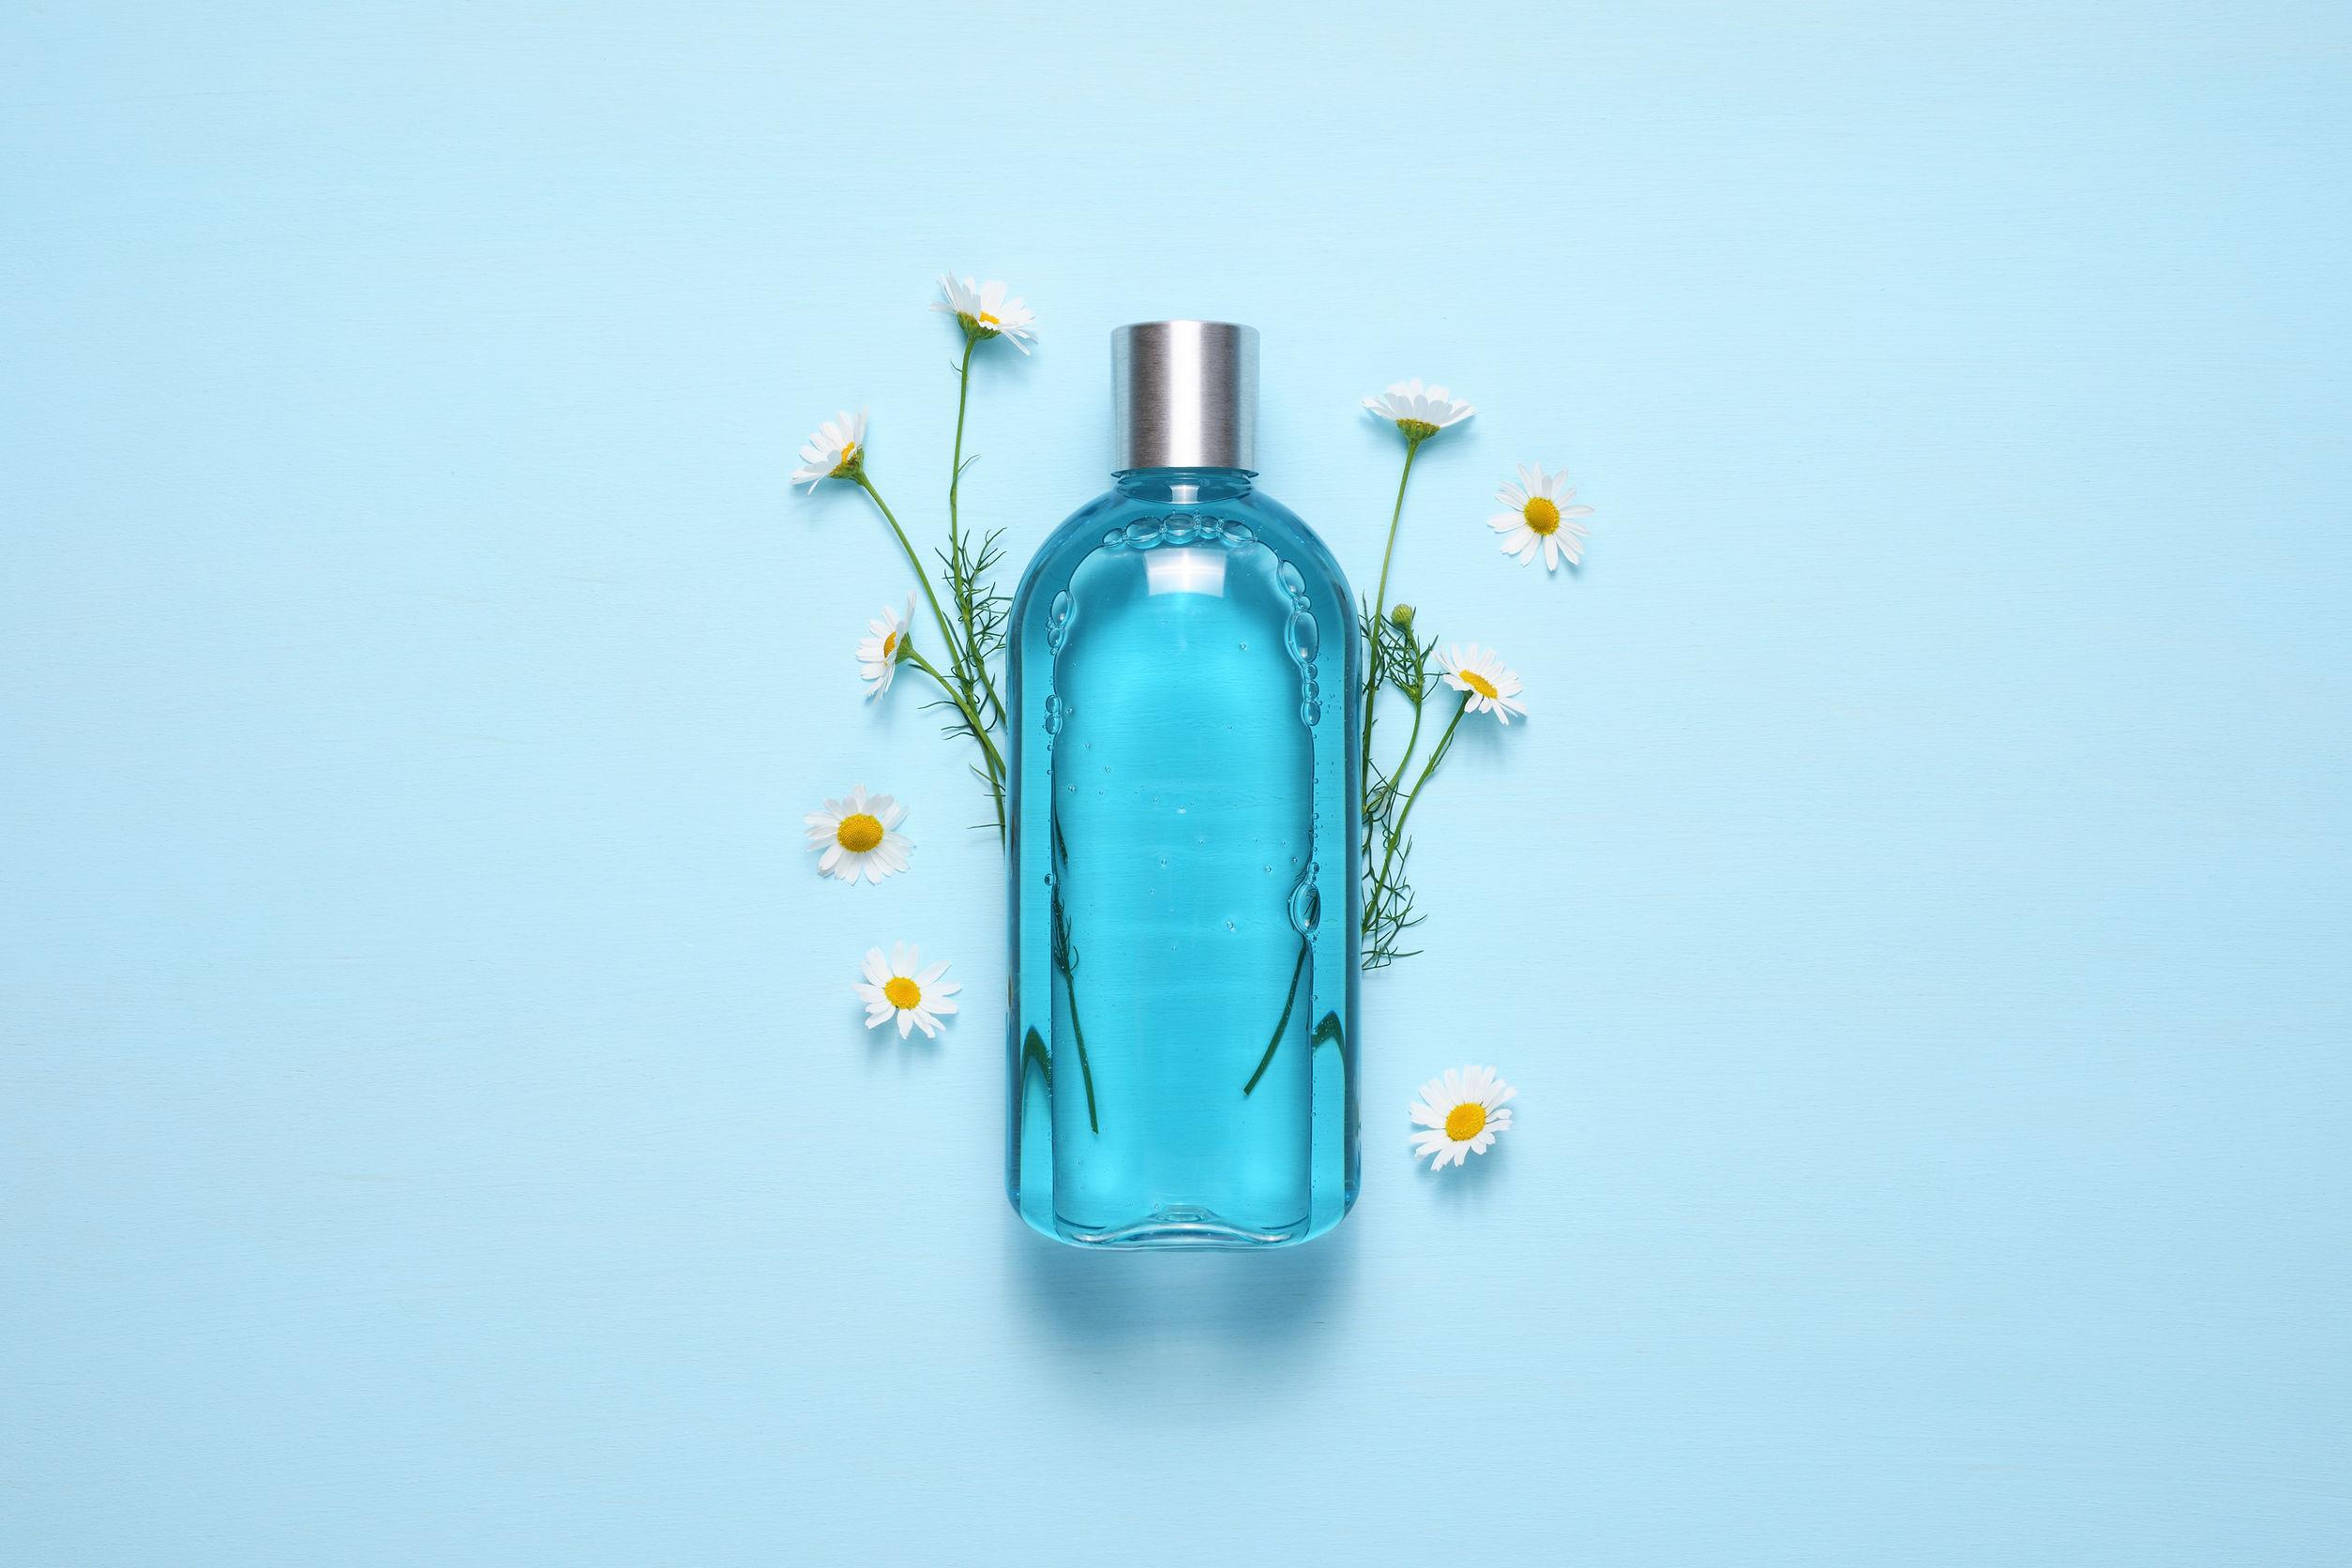 Uno shampoo con dei fiori di camomilla